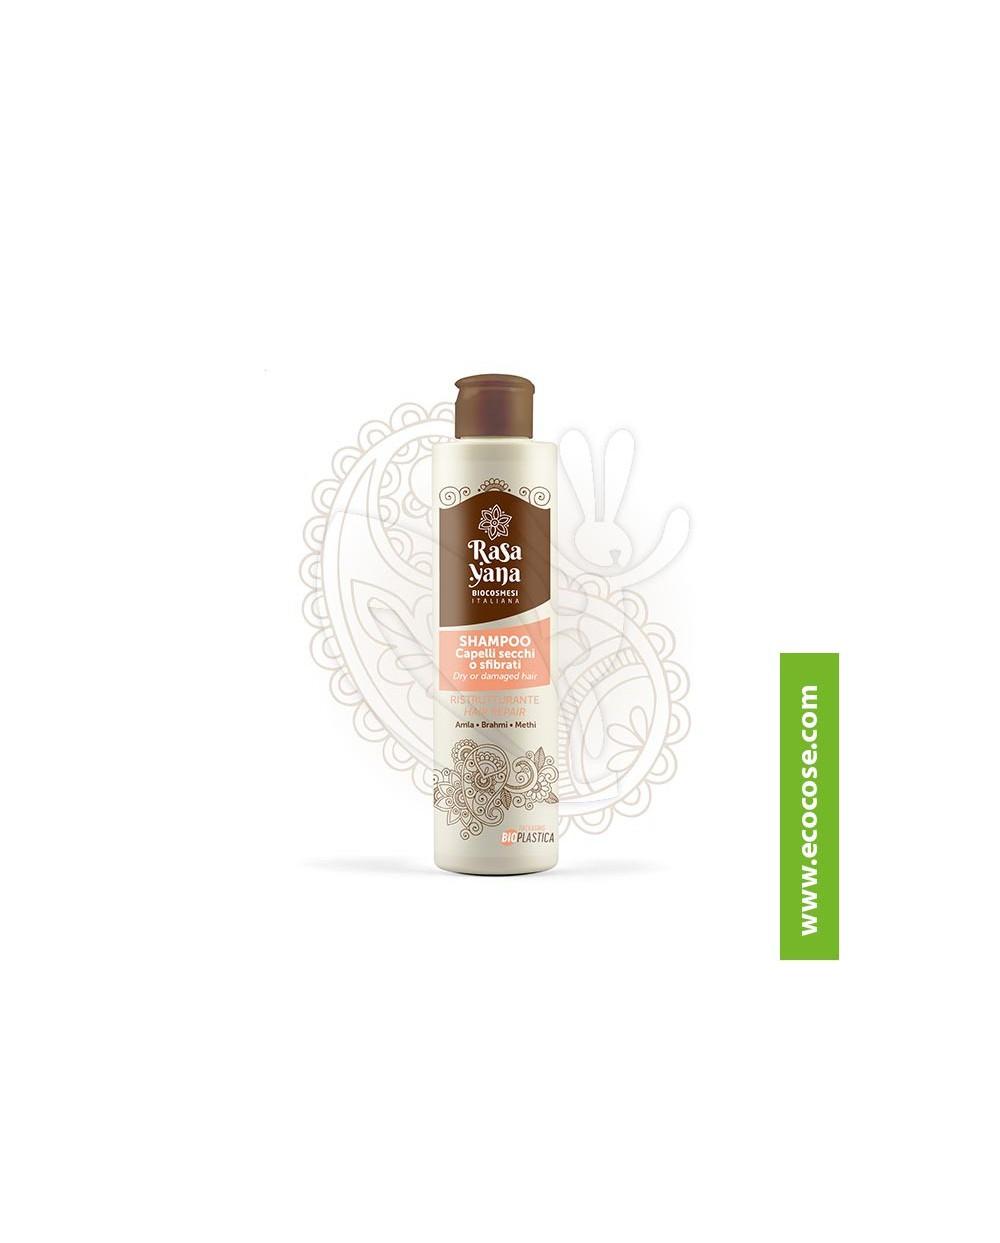 Rasayana BioCosmesi - Shampoo Ristrutturante Capelli secchi o sfibrati *NEW*